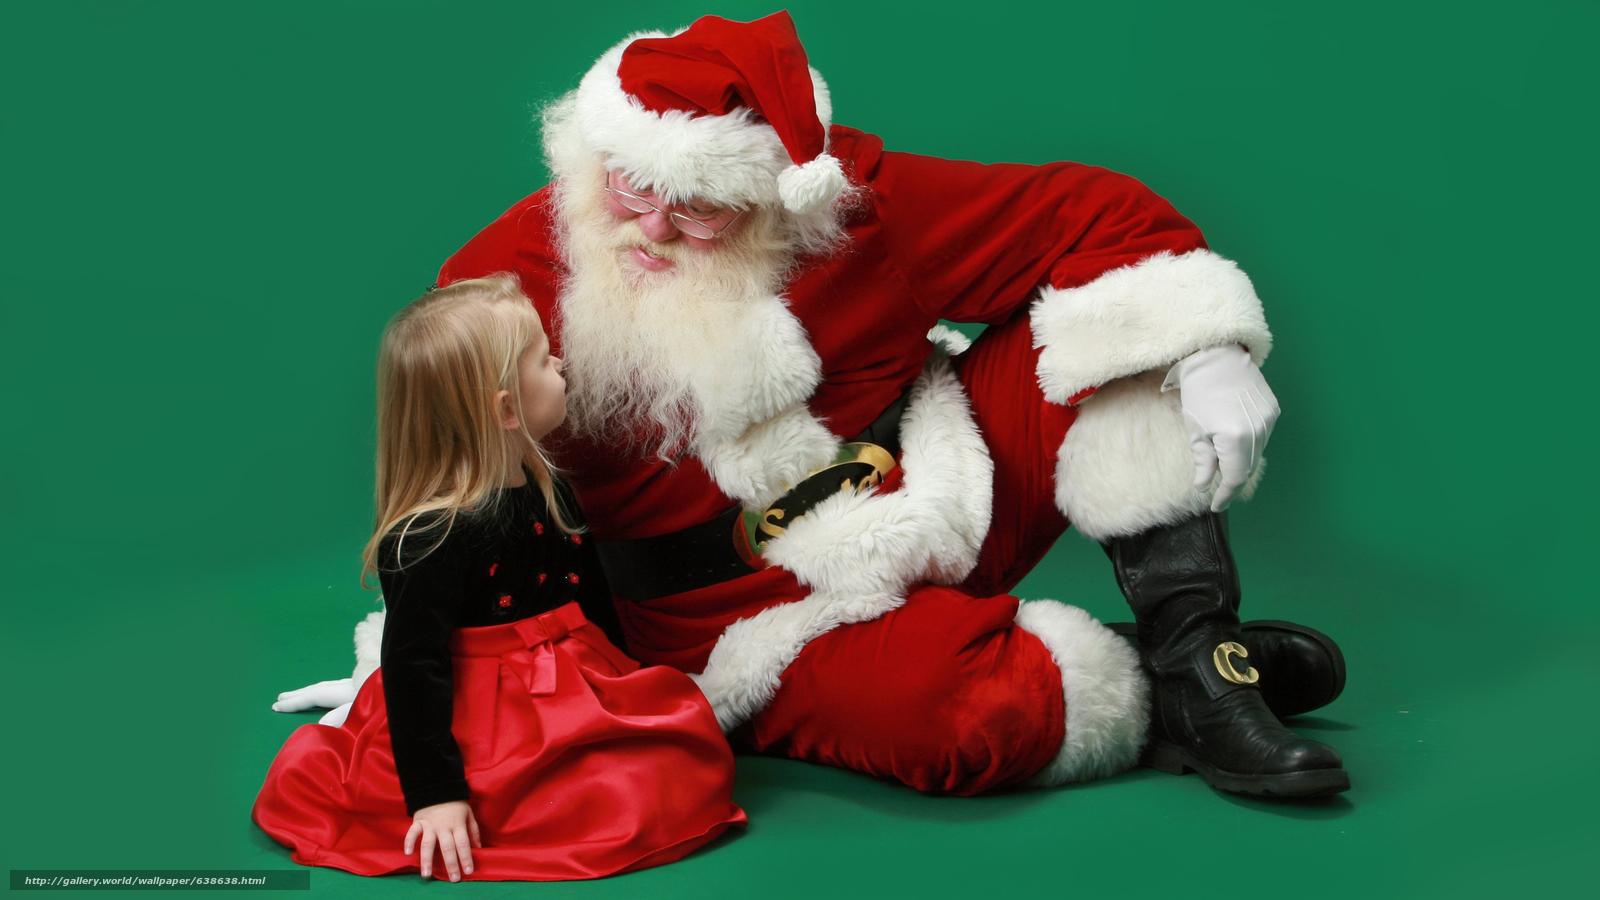 Descargar gratis Papá Noel,  Papá Noel,  Año Nuevo,  Navidad Fondos de escritorio en la resolucin 2560x1440 — imagen №638638